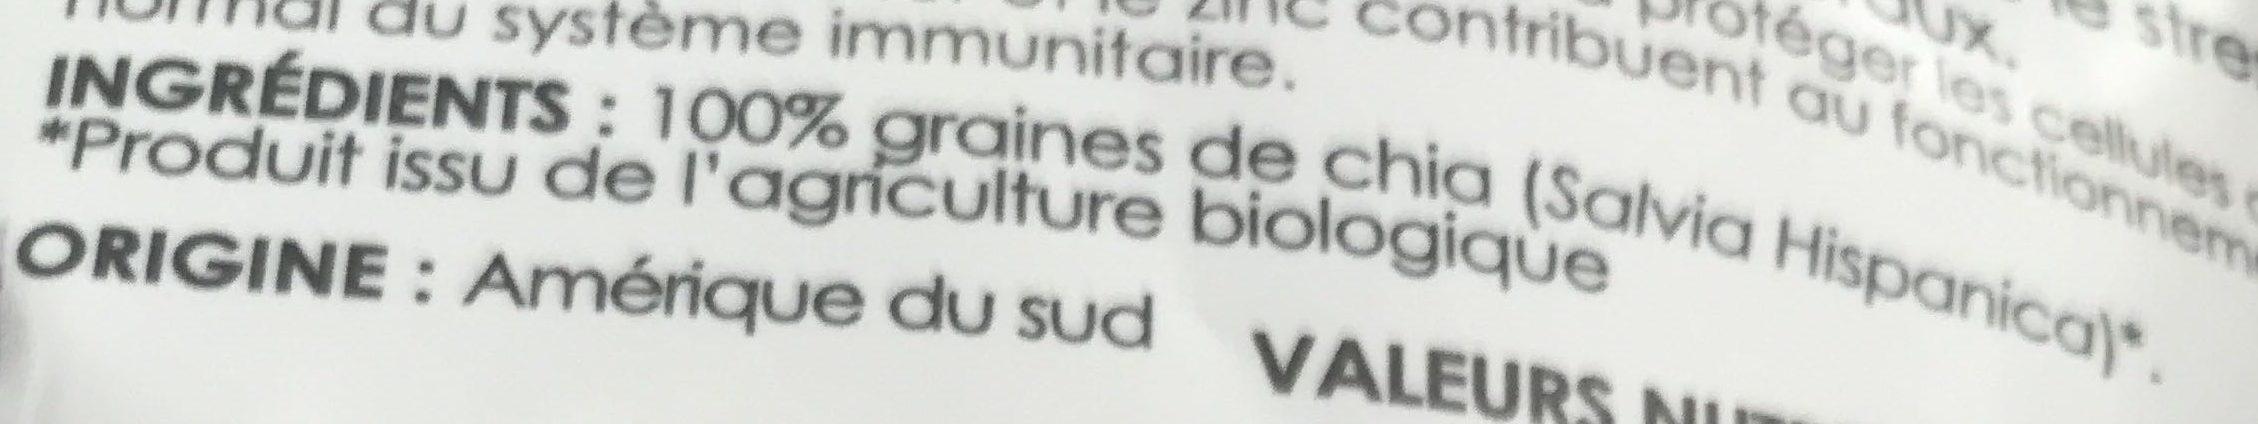 Graines de chia - Ingrédients - fr